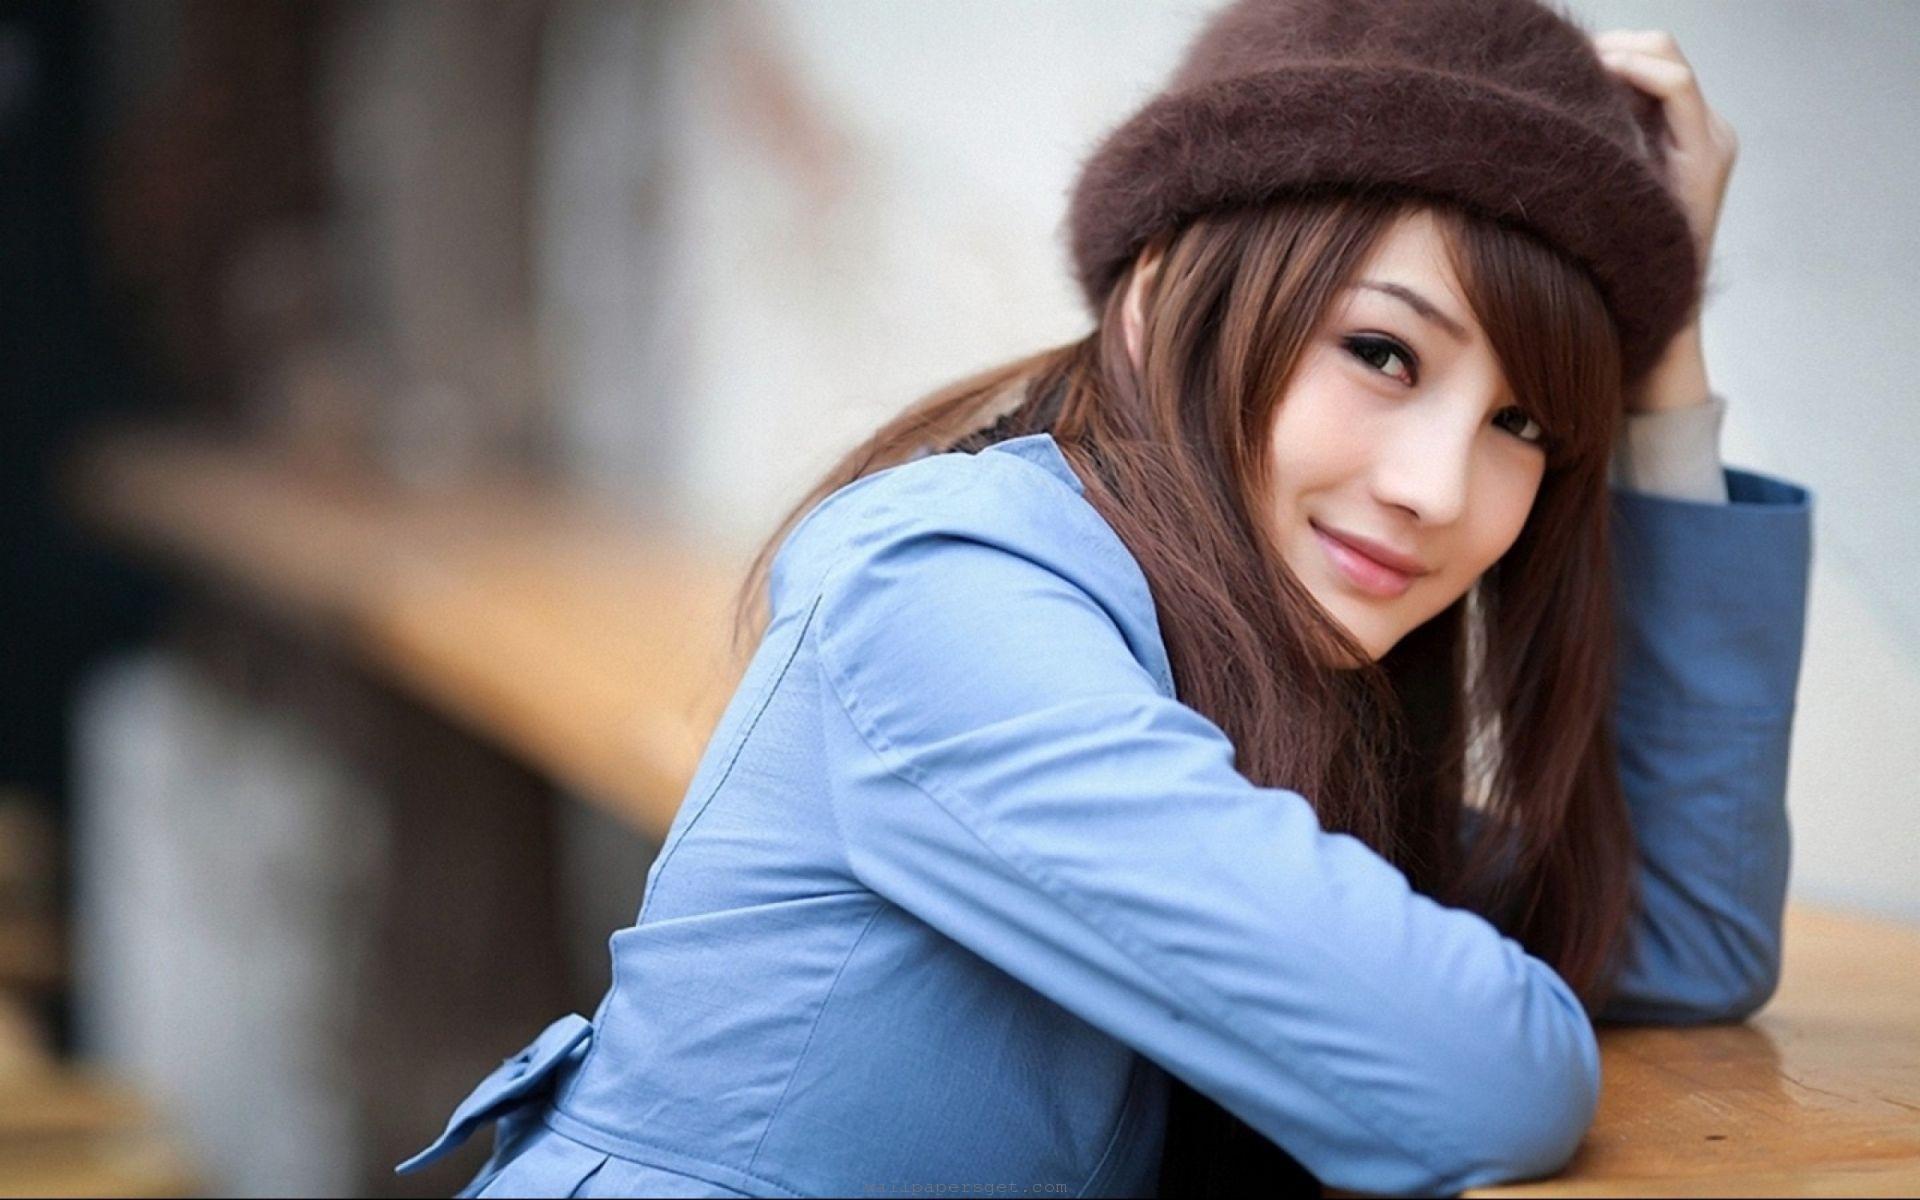 صور بنات يابانية , صور اجمد بنات يابانية